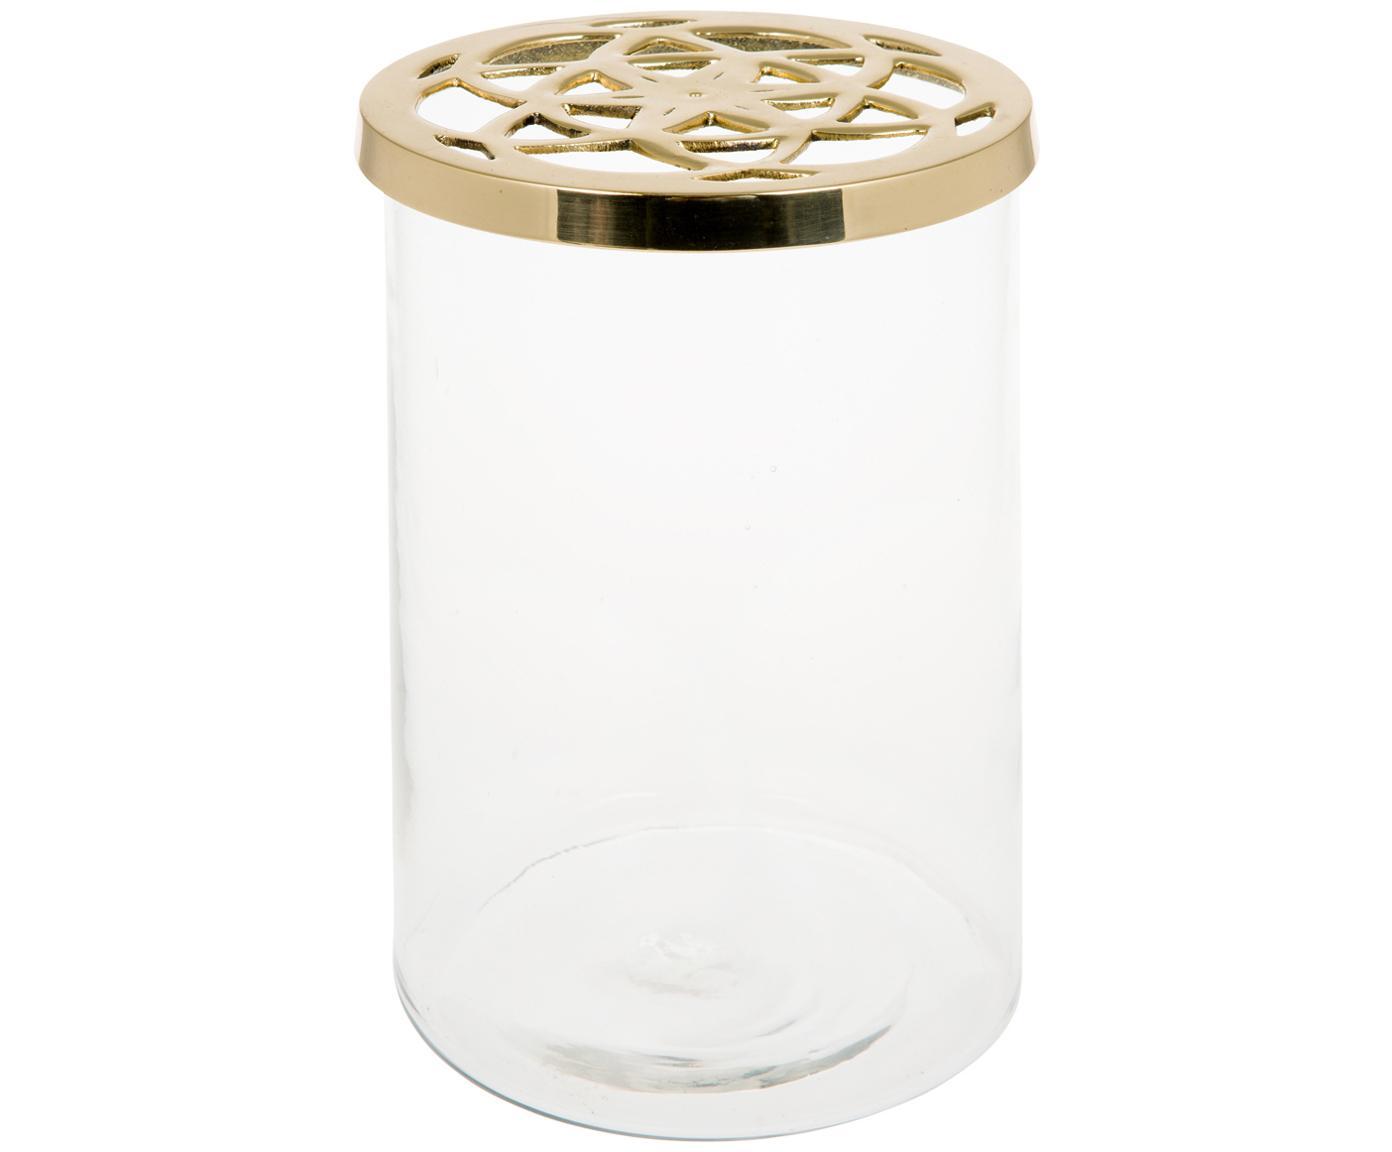 Jarrón Lily, Jarrón: vidrio, Tapa: latón, Jarrón: transparente Tapa: latón, Ø 13 x Al 19 cm